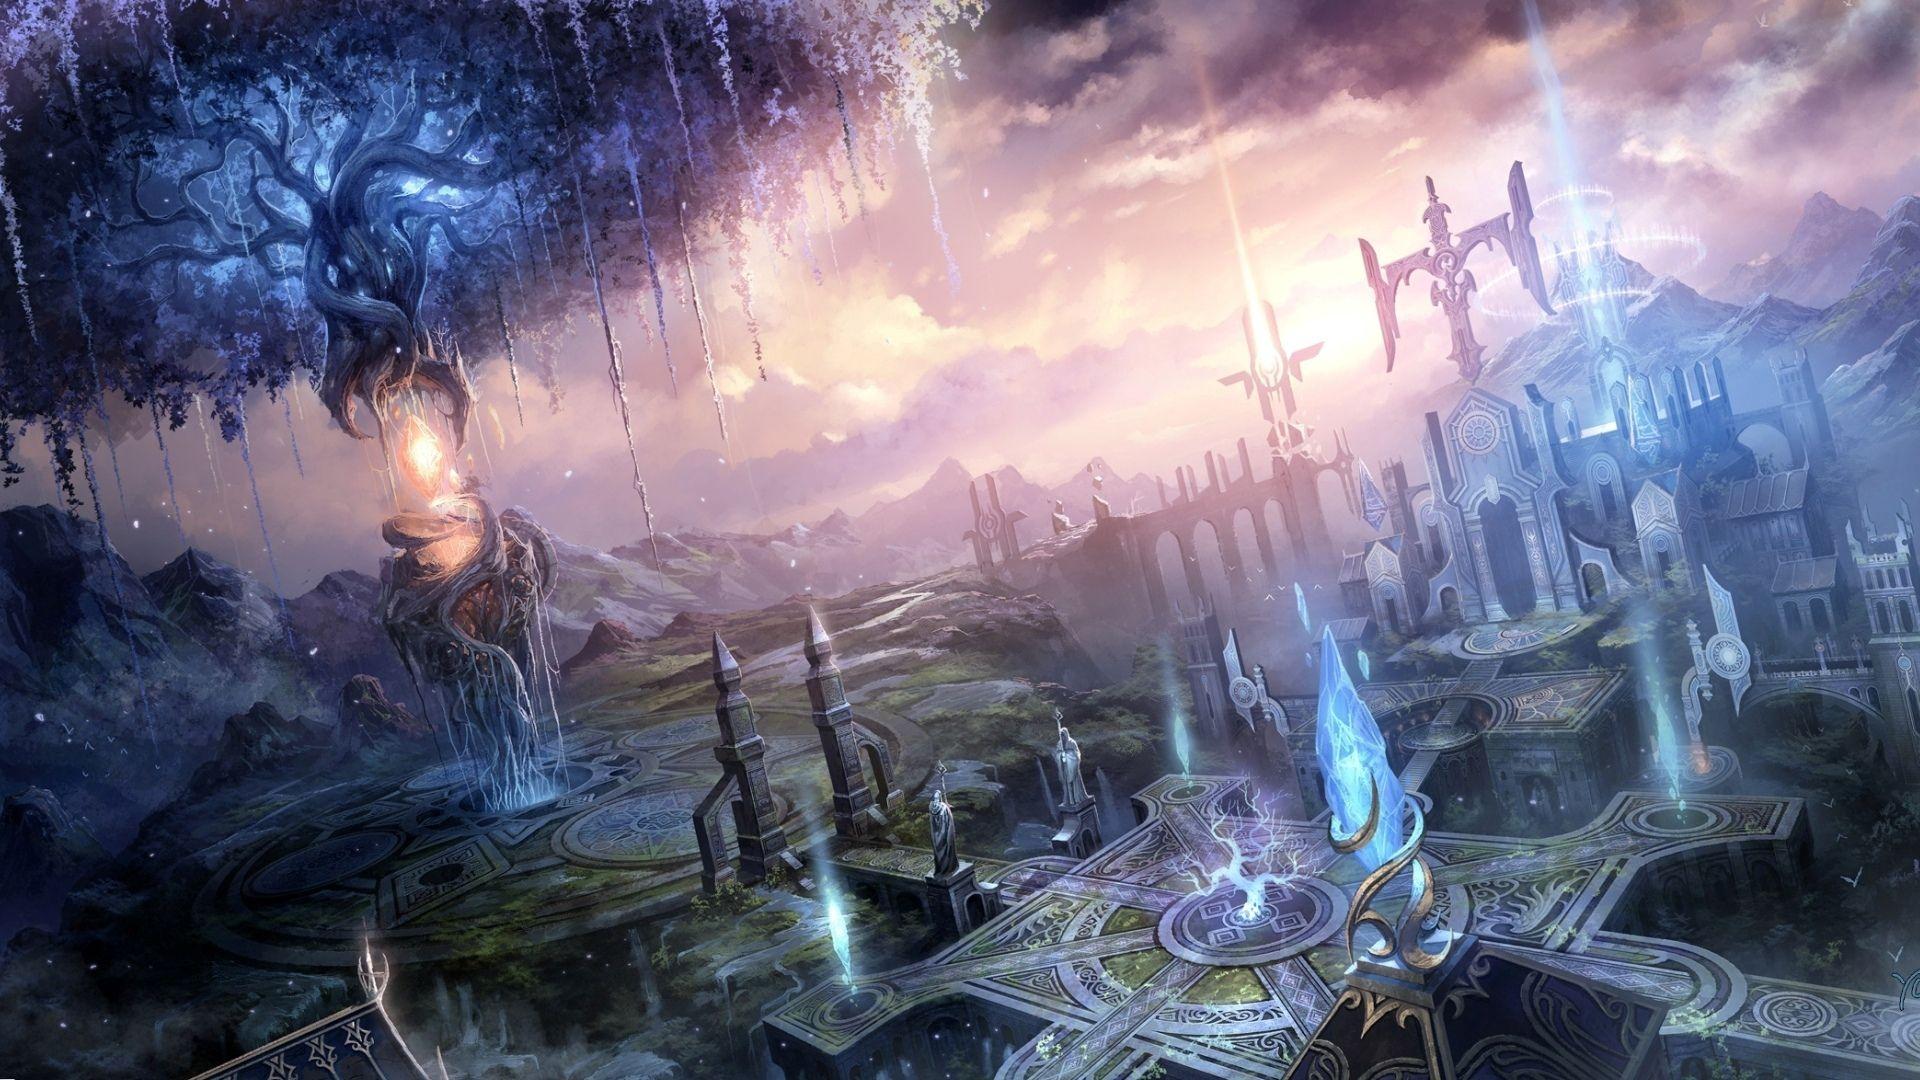 Fantasy Landscapes Cities Art Magic Wallpaper 1920x1080 30223 Fantasy Landscape Fantasy Art Landscapes Fantasy City